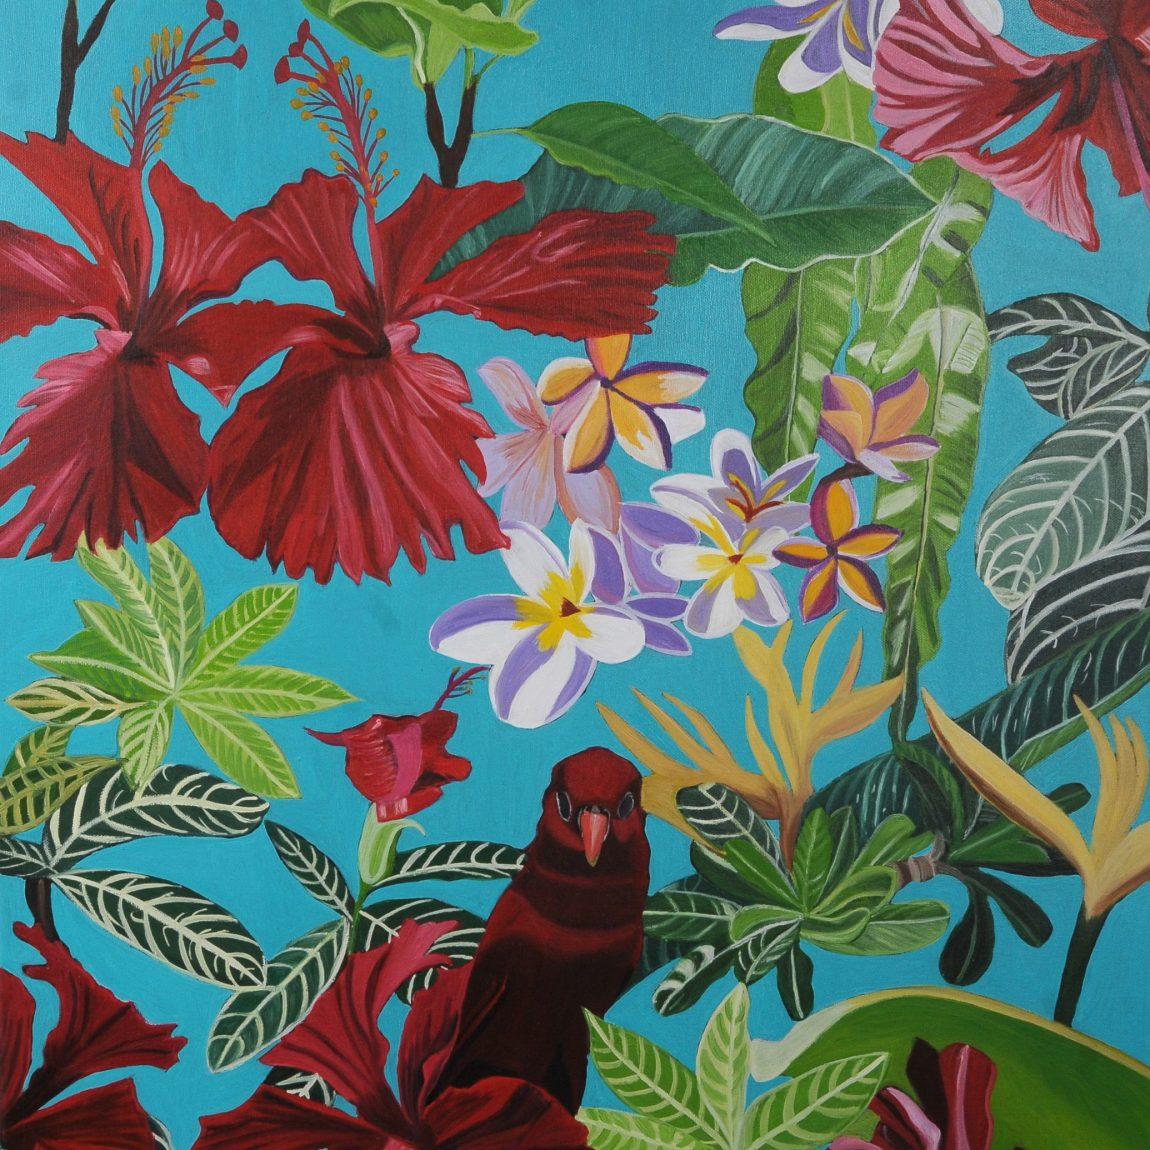 Dagmar Göğdün - Eser Adı:  Cennetdeki Kuş Ölçü:  75 x 55 cm Teknik: Tuval Üzeri Yağlı Boya Fiyat: 3.600 TL